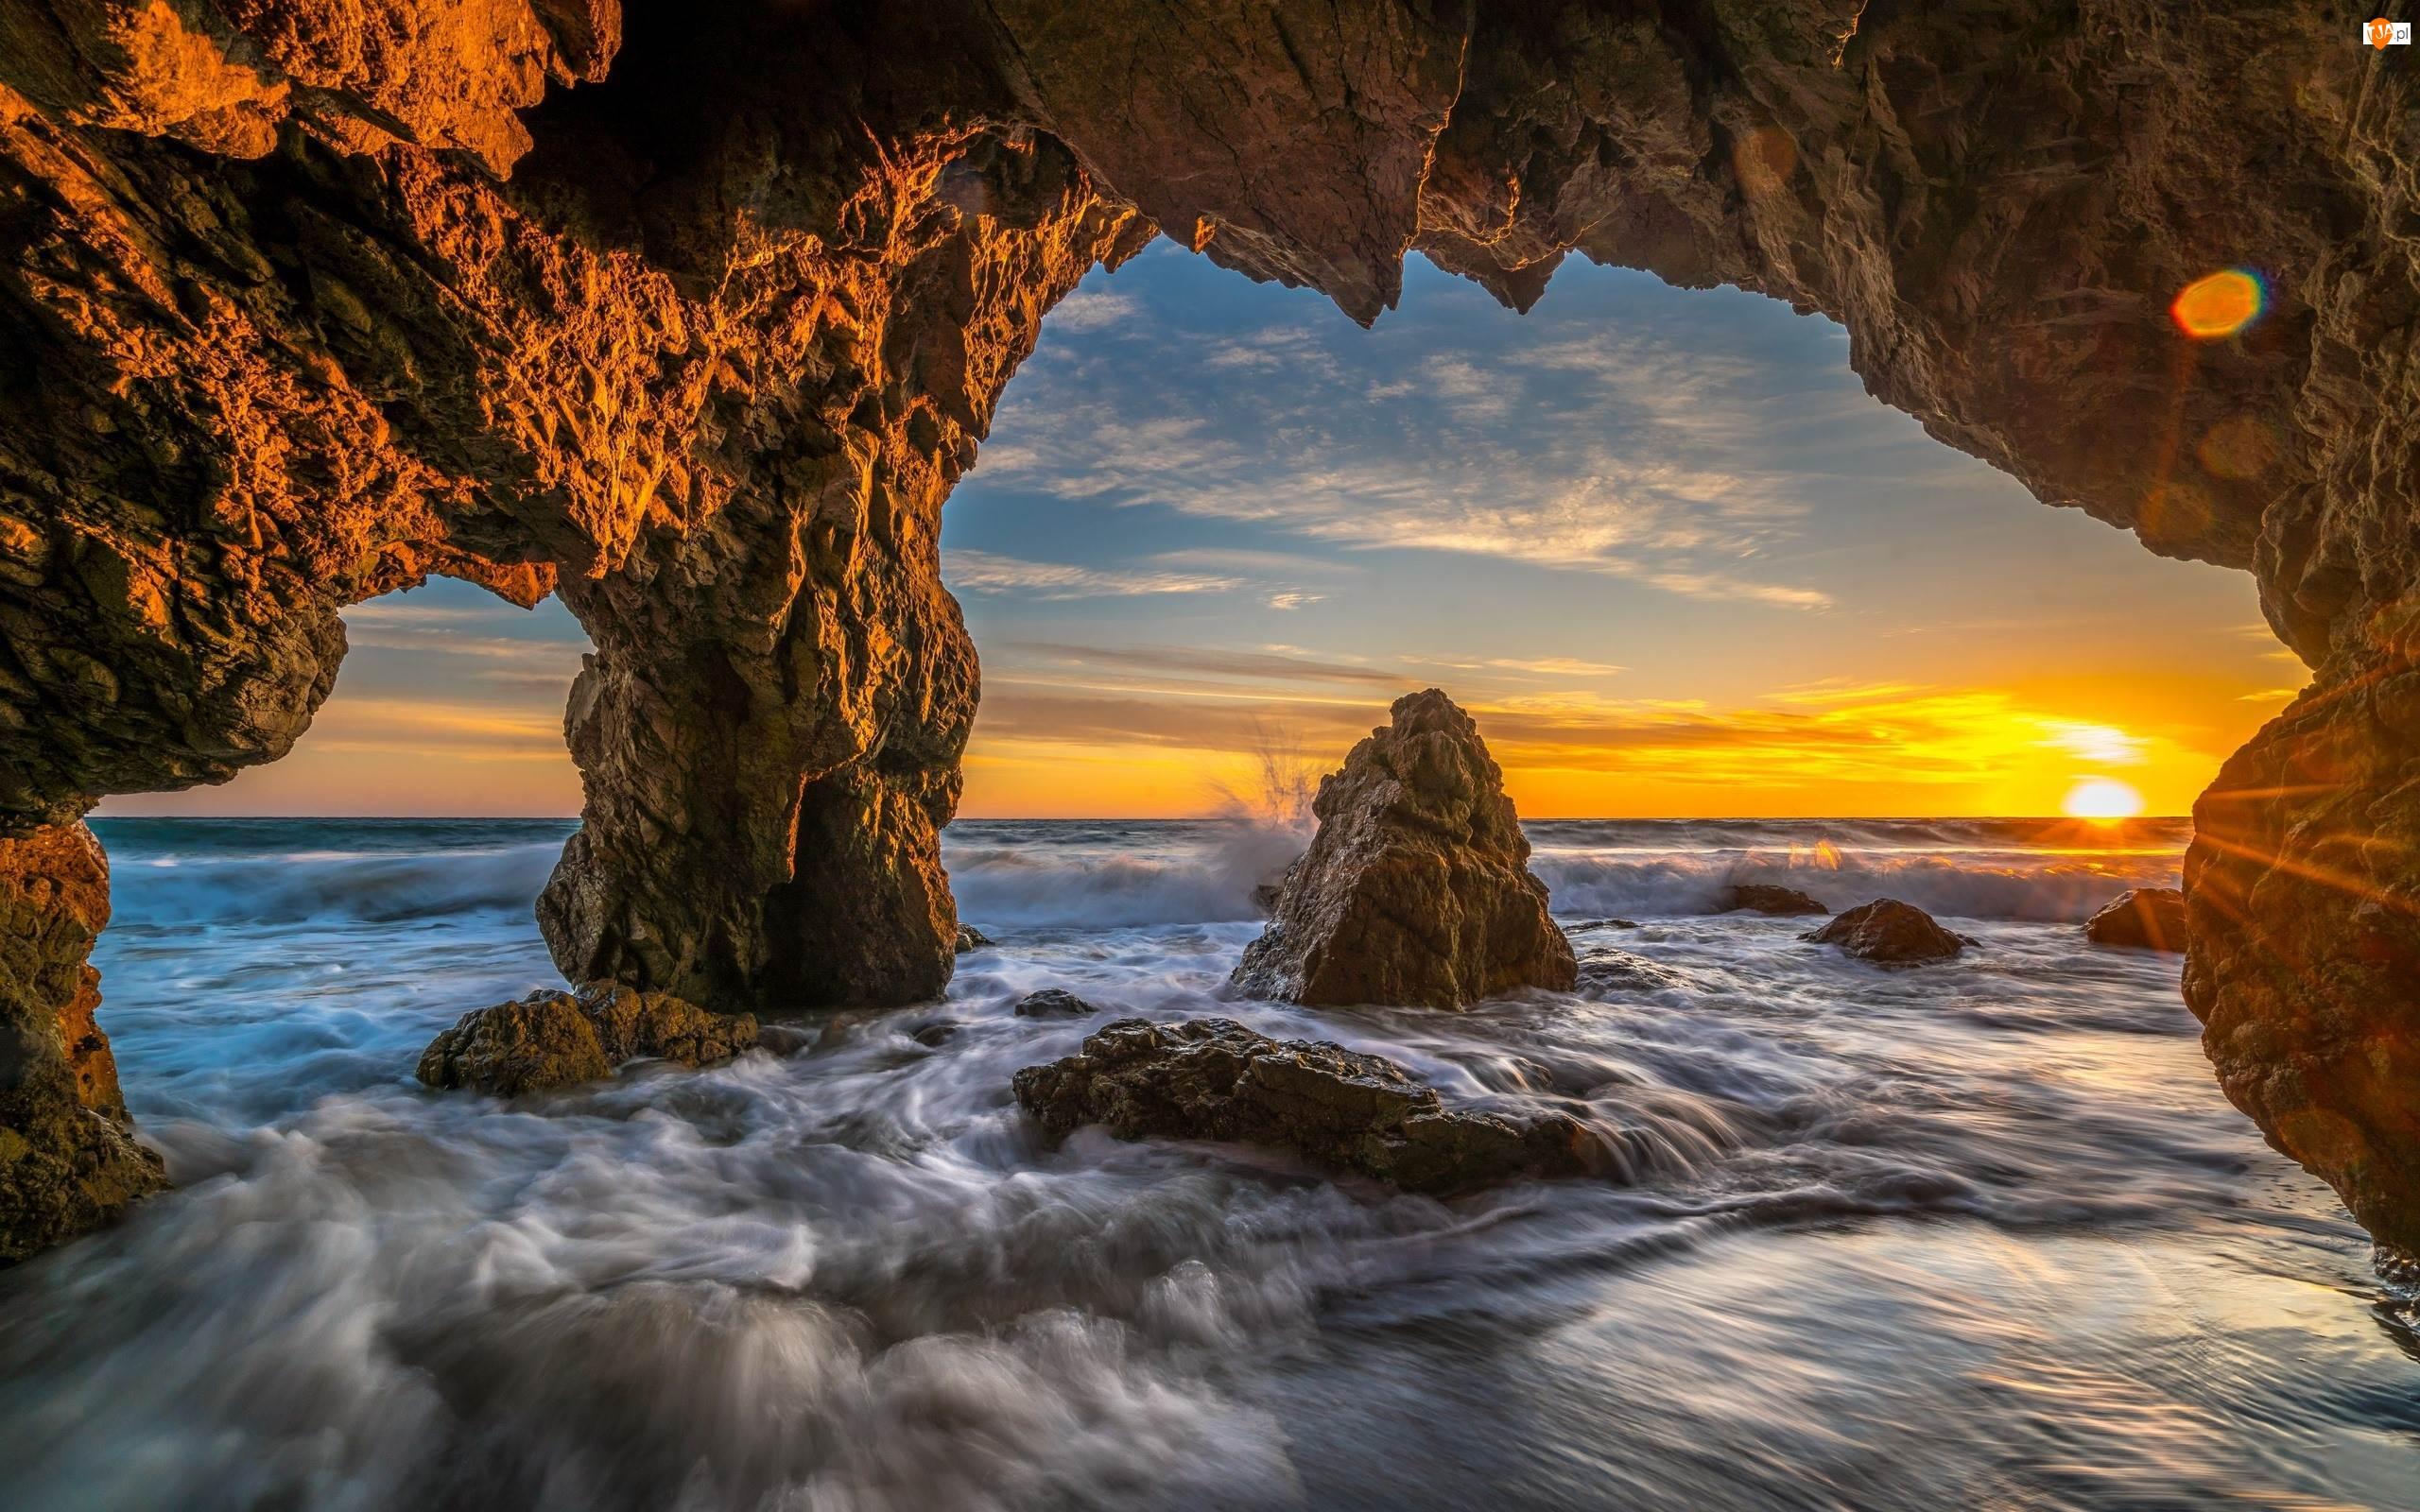 Stany Zjednoczone, Zachód słońca, Hrabstwo Los Angeles, Skały, Morze, Malibu, Jaskinia, Fale, Plaża El Matador Beach, Kalifornia